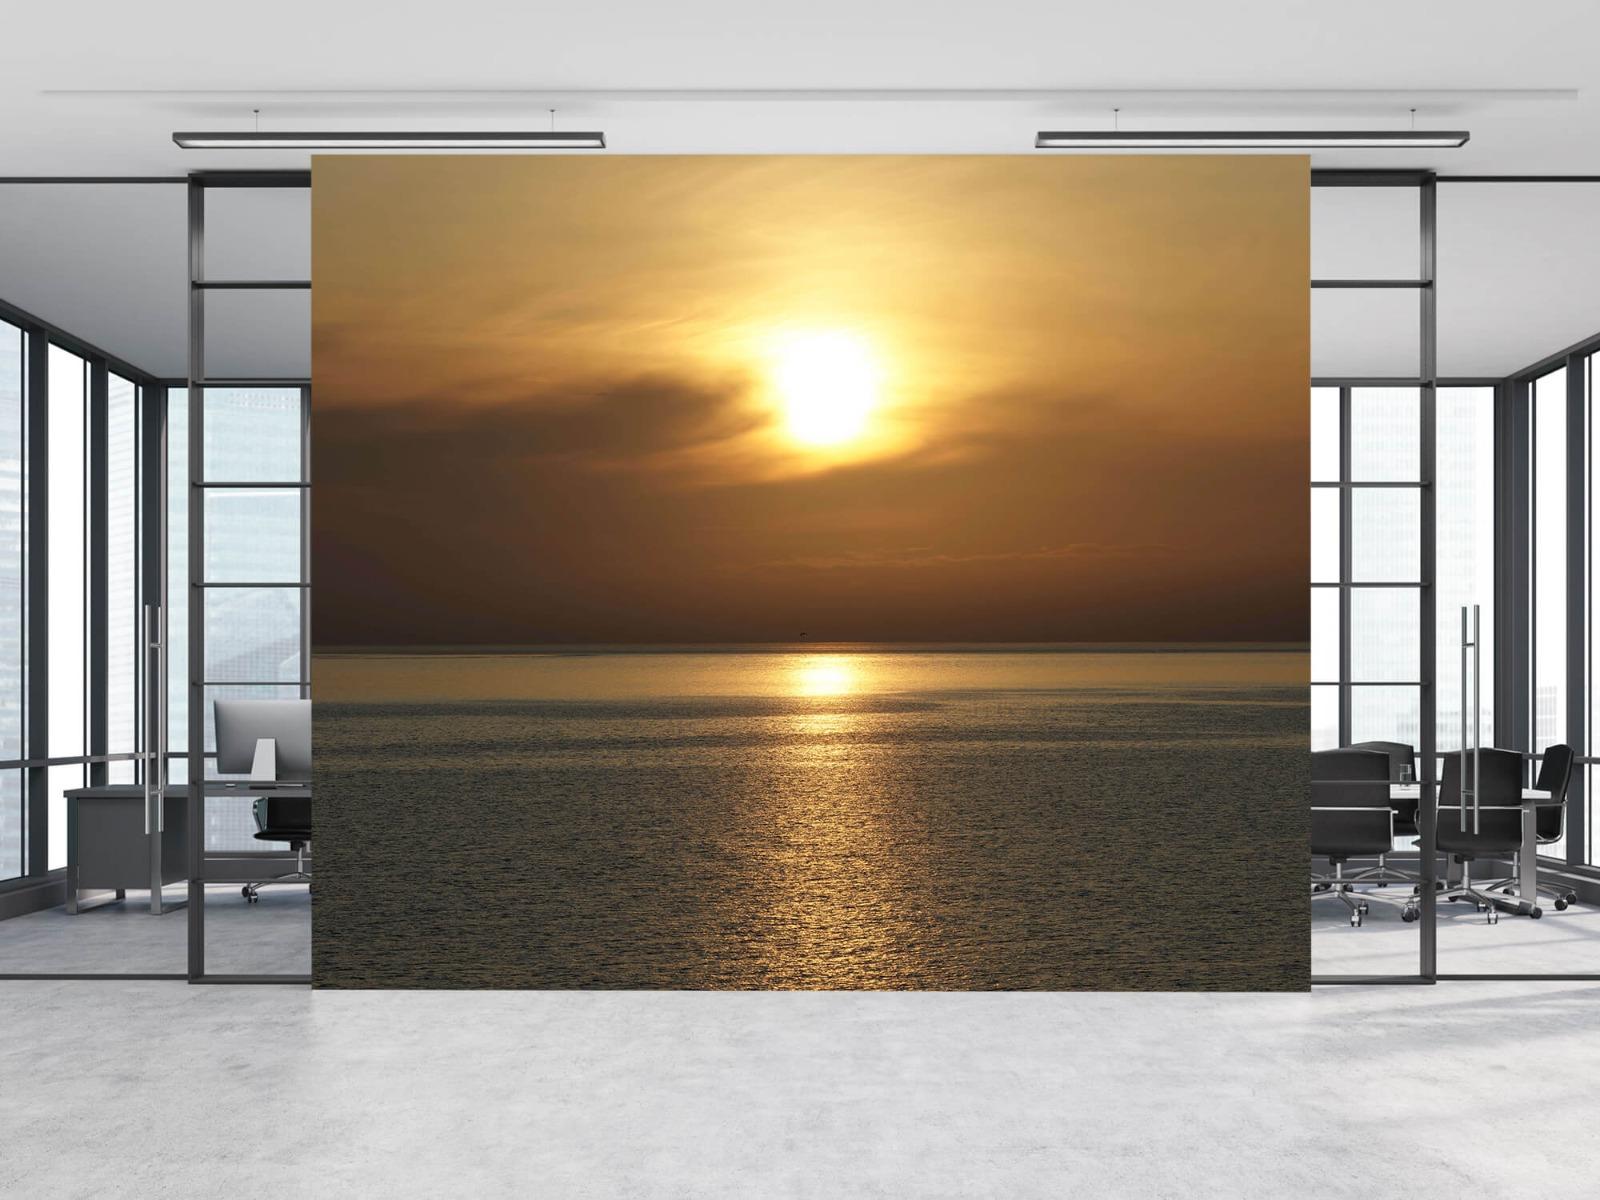 Zeeën en Oceanen - Zonsopkomst bij zee - Wallexclusive - Woonkamer 10